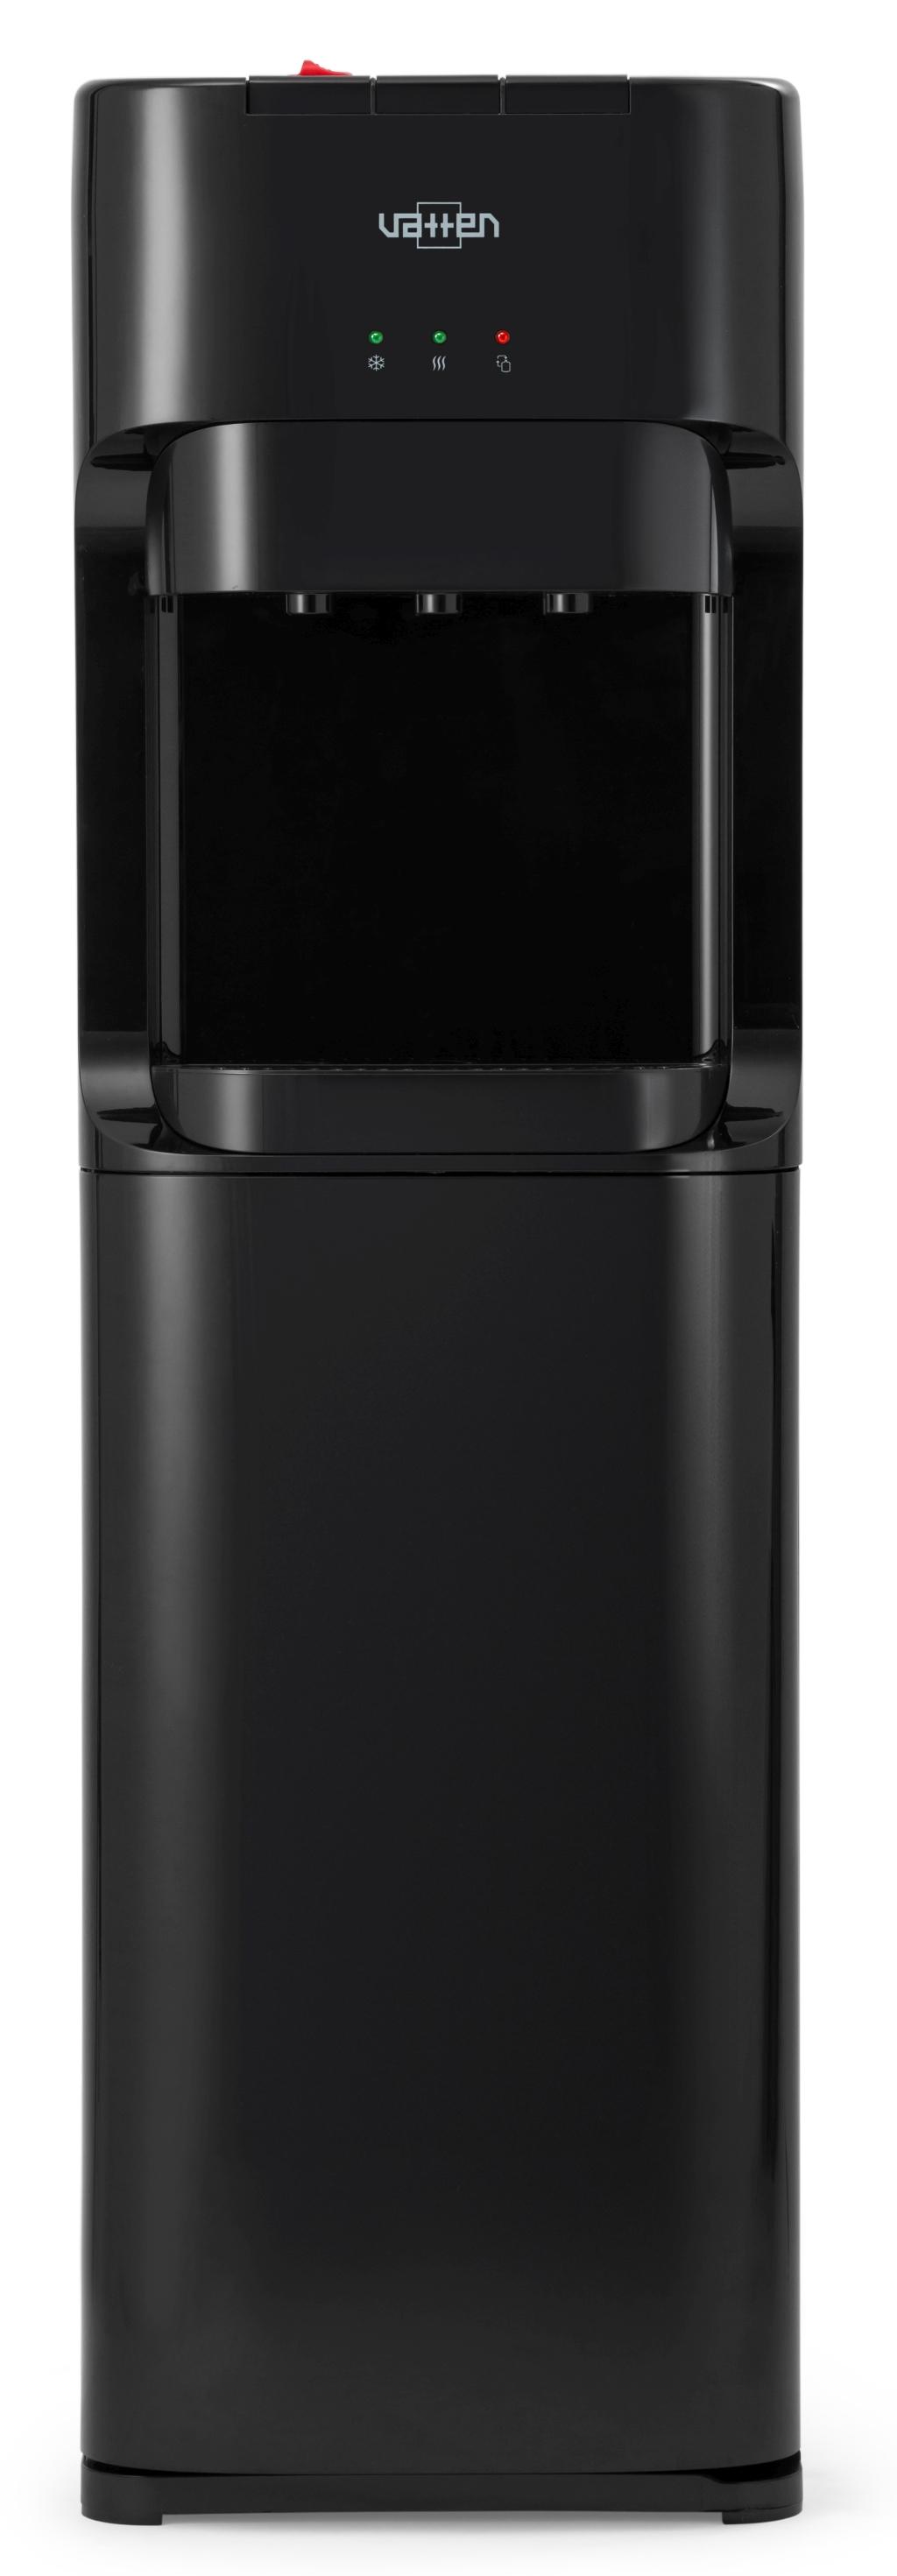 Кулер для воды VATTEN L45NE